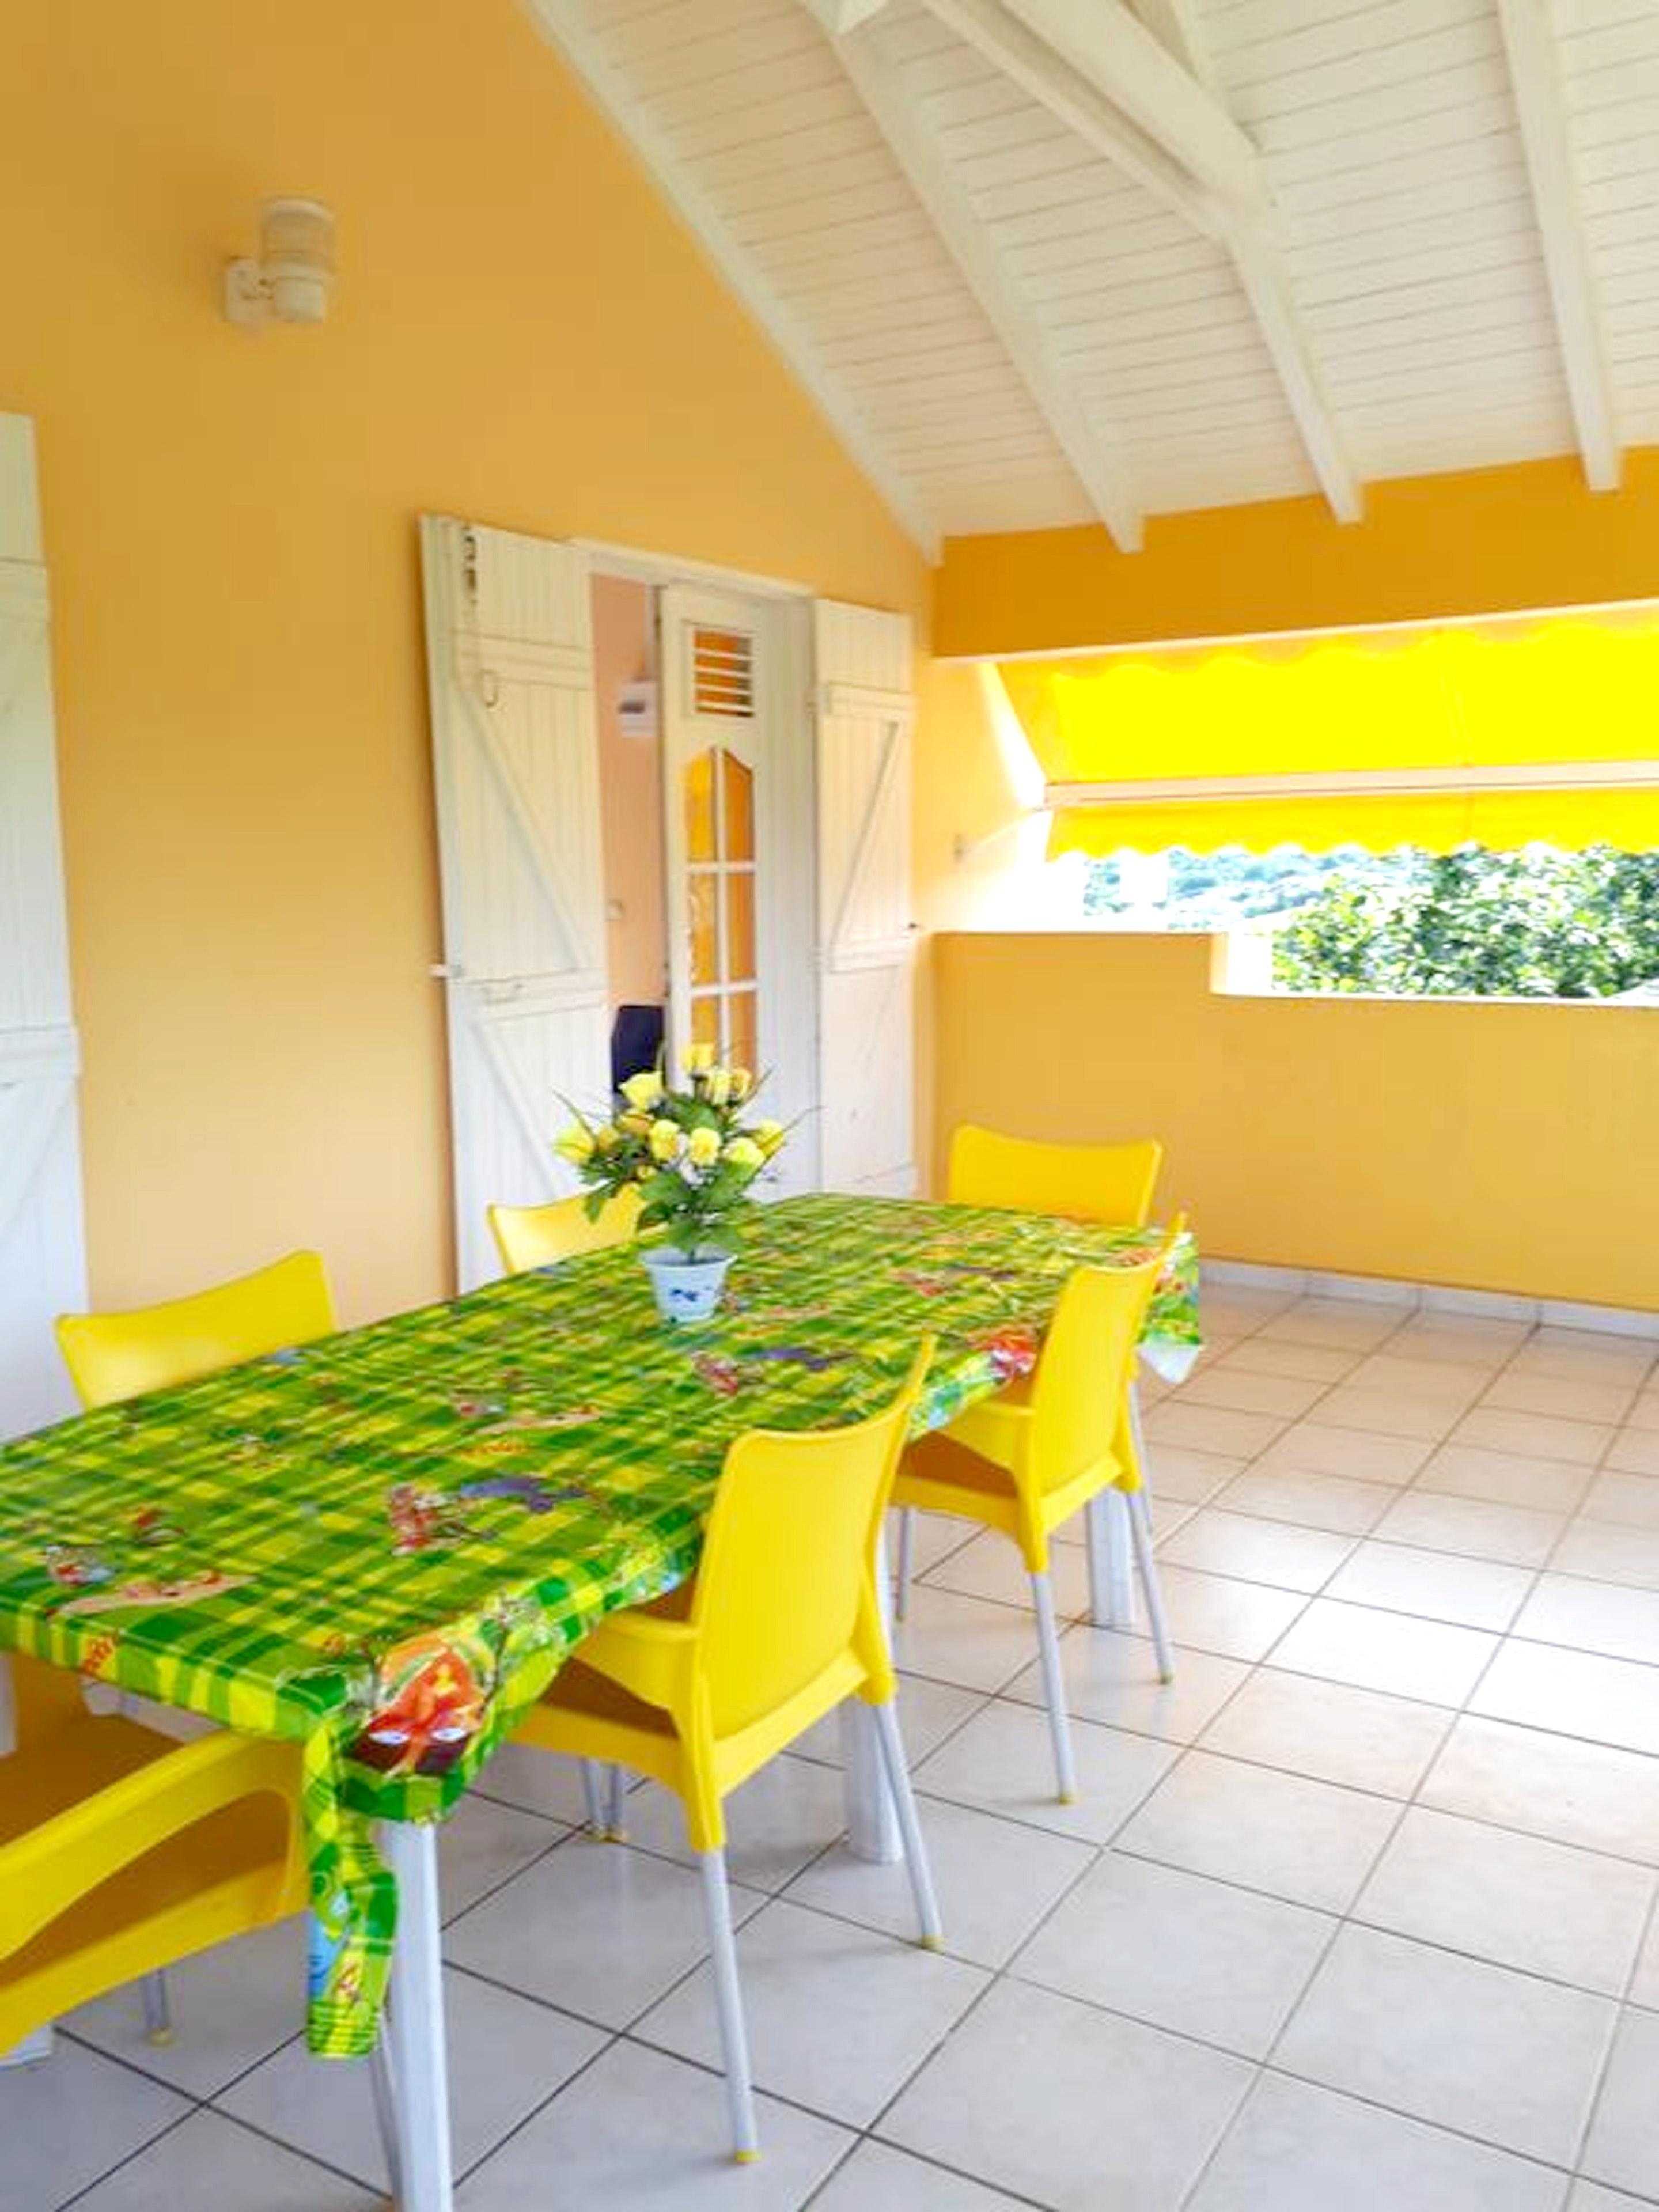 Wohnung mit 2 Schlafzimmern in Baie Mahault mit he Ferienwohnung in Guadeloupe